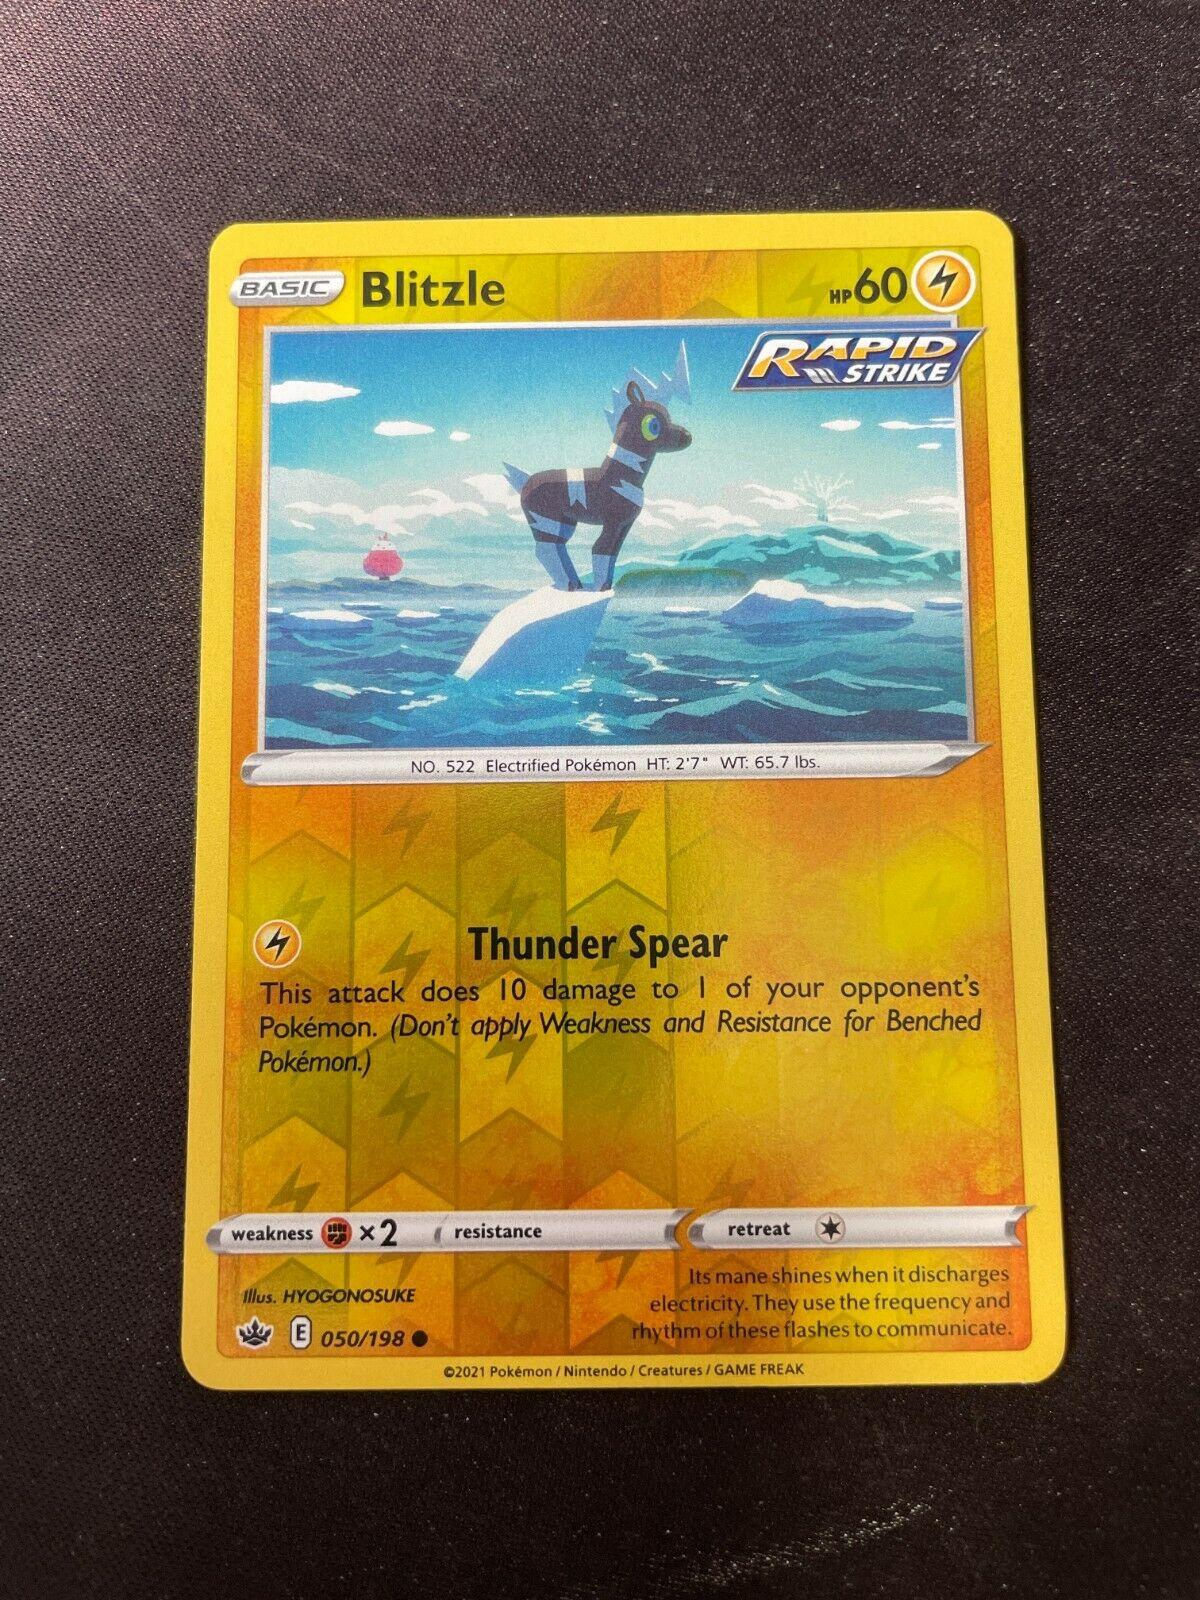 Pokemon TCG Chilling Reign 050/198 Blitzle Card Fresh Reverse Holo Mint Rare